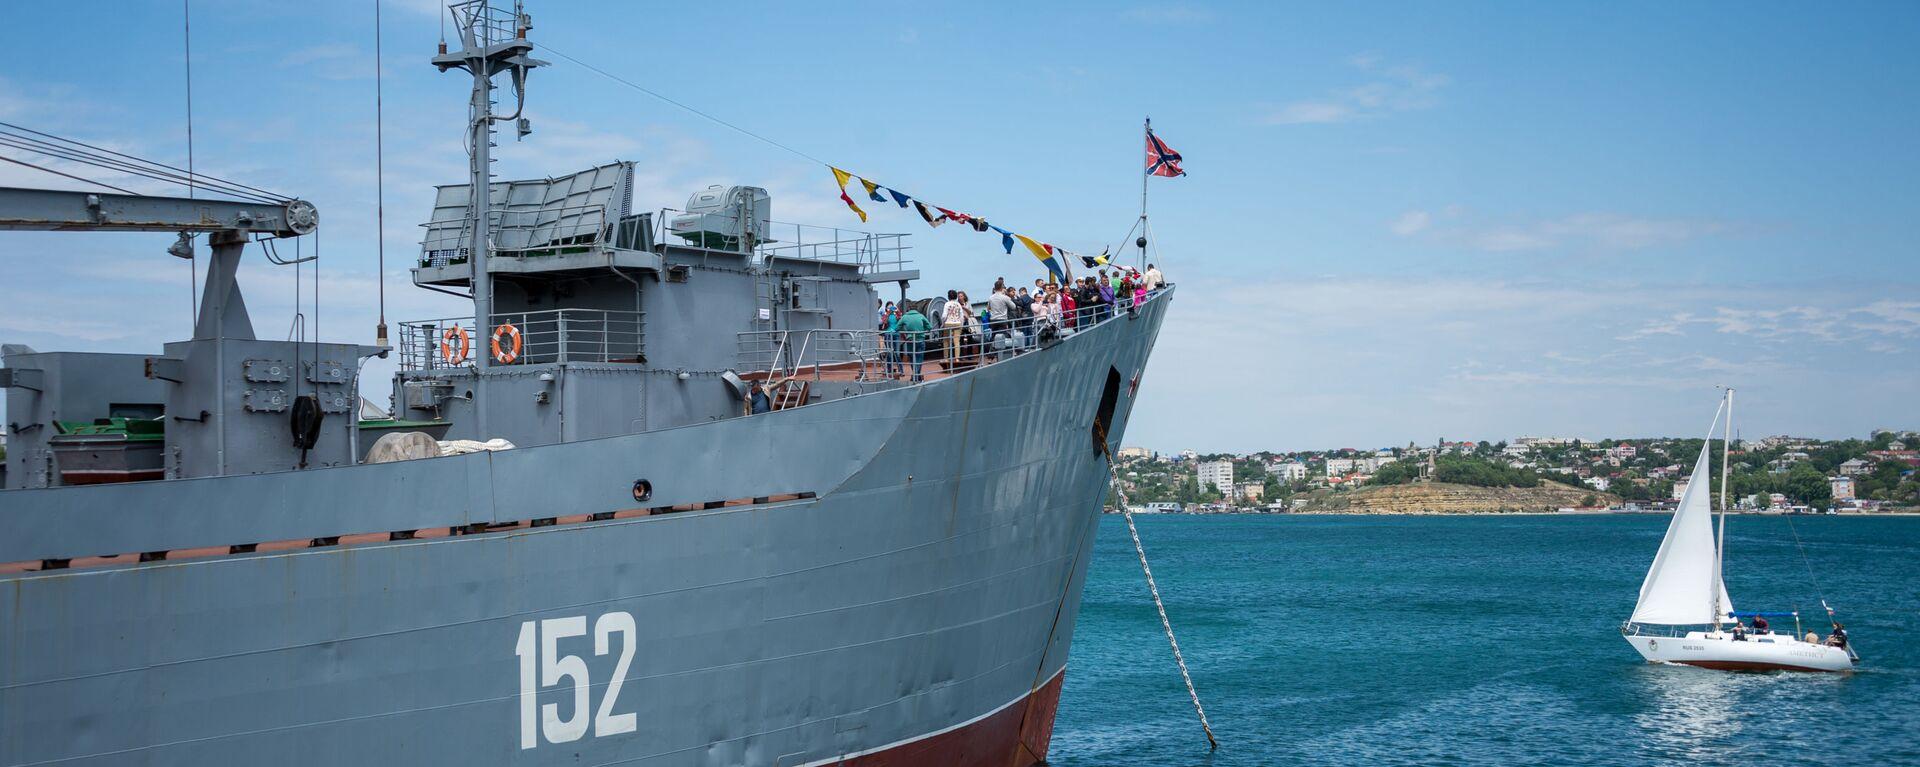 Oslavy 235letí Černomořského loďstva v Sevastopolu - Sputnik Česká republika, 1920, 20.09.2021